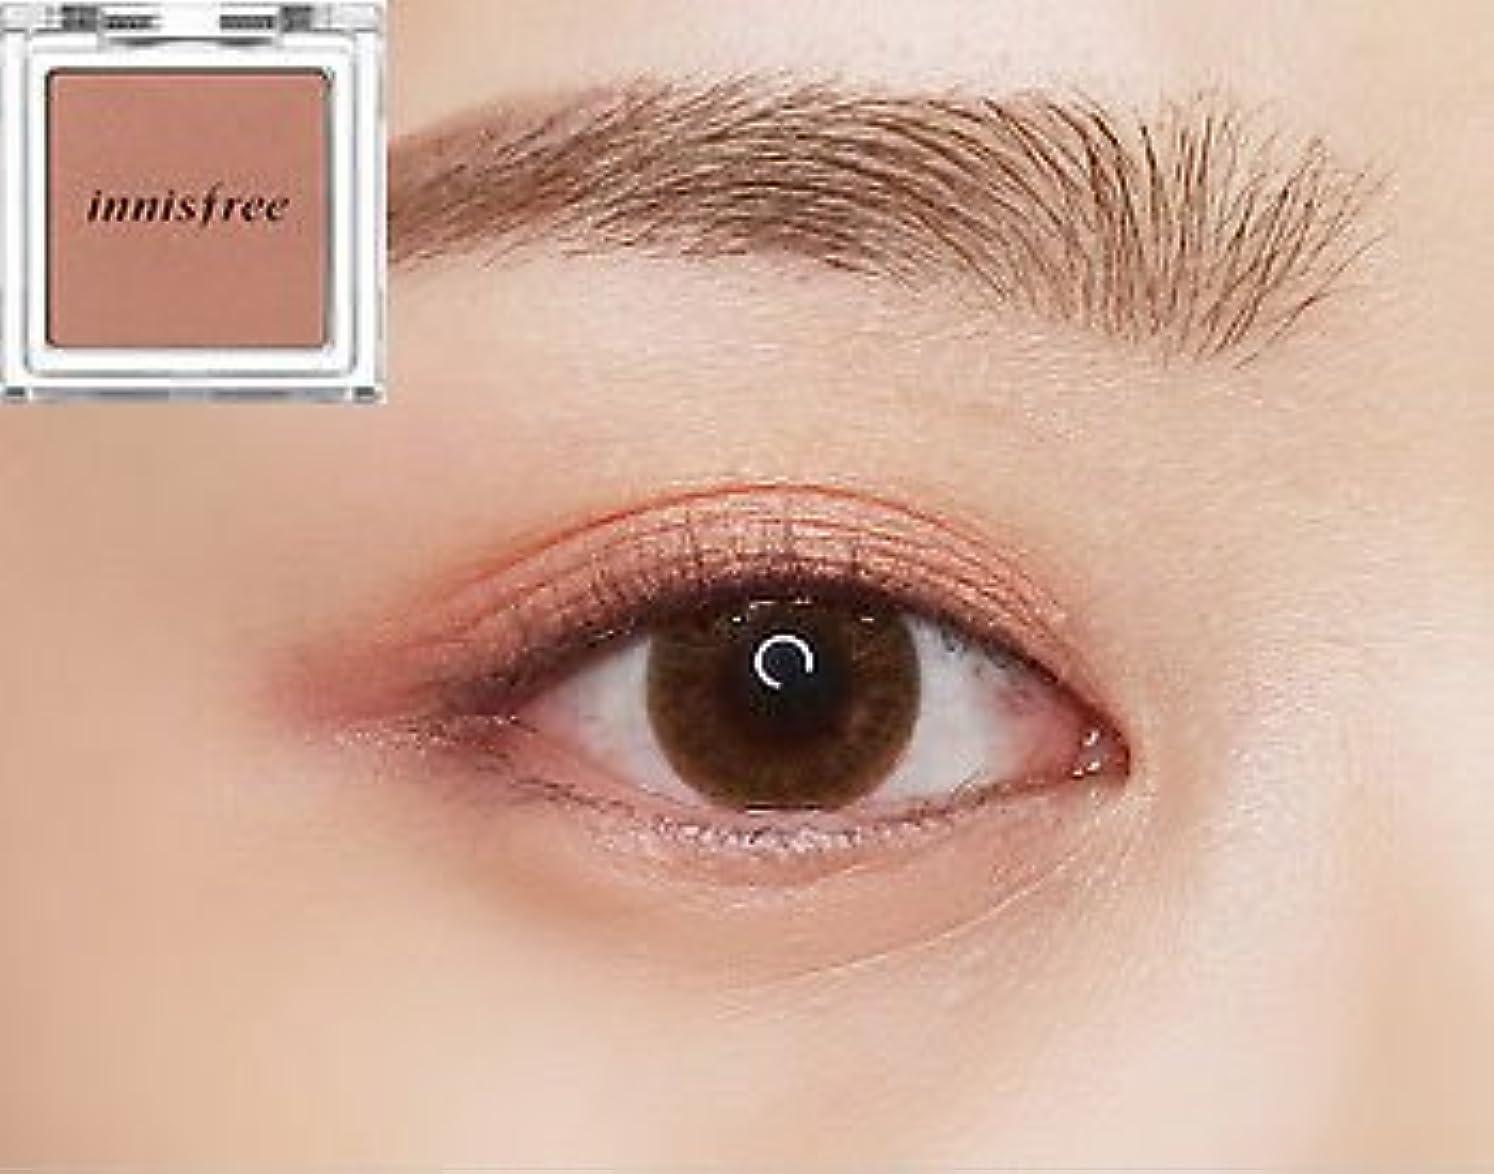 ローズお世話になったオークランド[イニスフリー] innisfree [マイ パレット マイ アイシャドウ (シマ一) 39カラー] MY PALETTE My Eyeshadow (Shimmer) 39 Shades [海外直送品] (シマ一 #23)